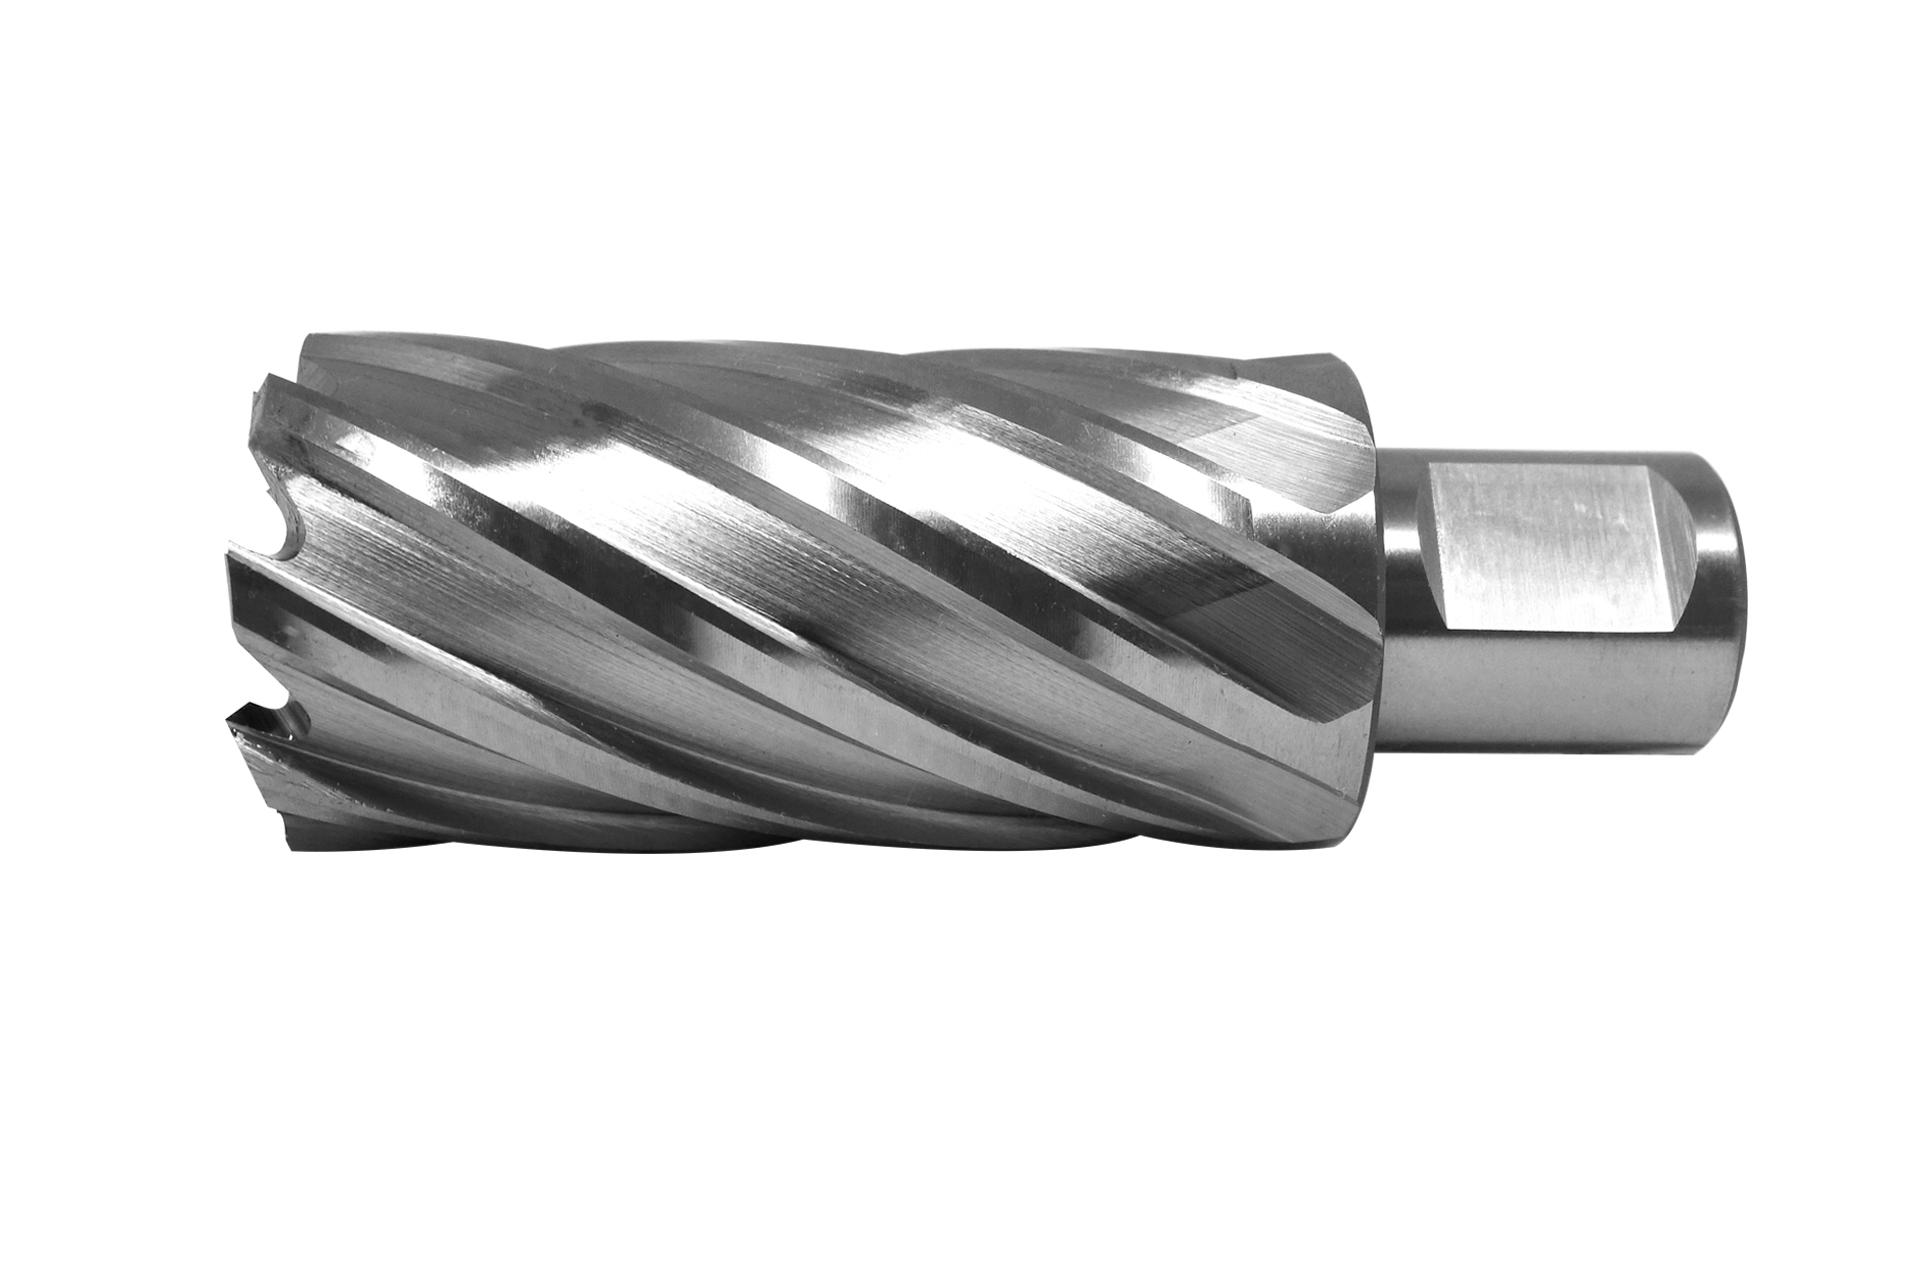 PAULIMOT Schlangenbohrer /Ø 35 mm Form Lewis L/änge 460 mm